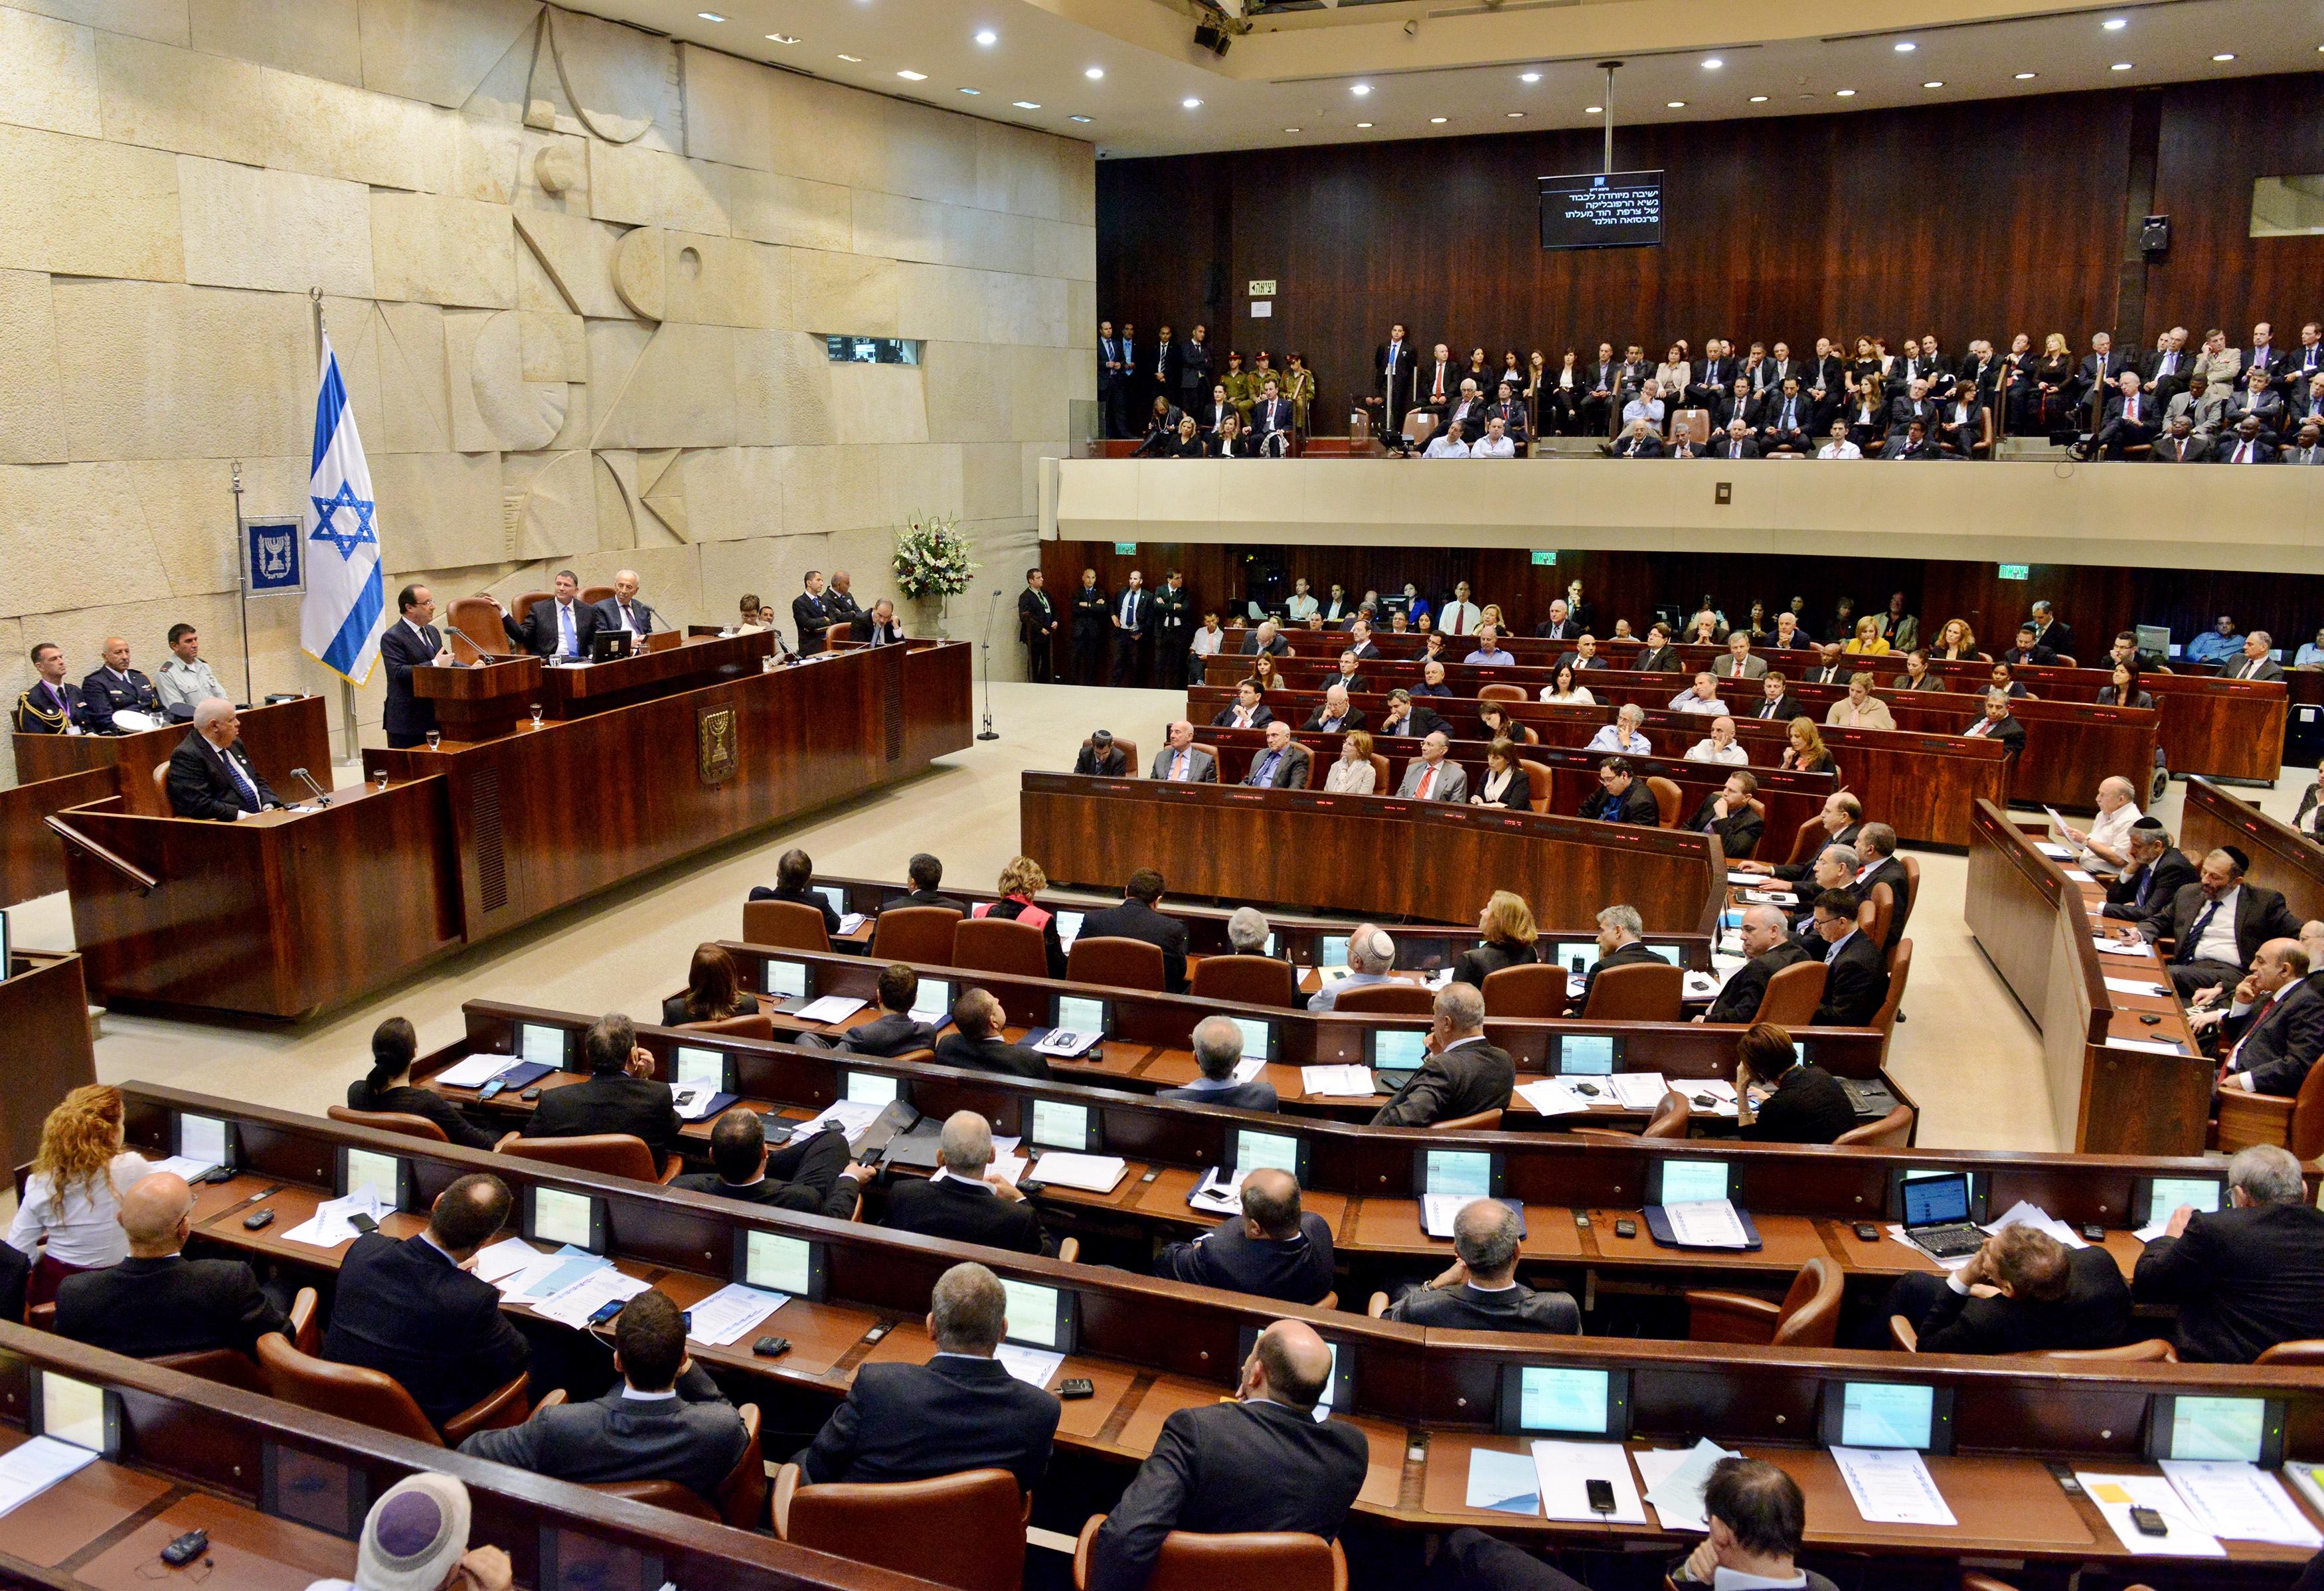 Pence alla Knesset: Usa stanno con Israele, riavrete vostra terra